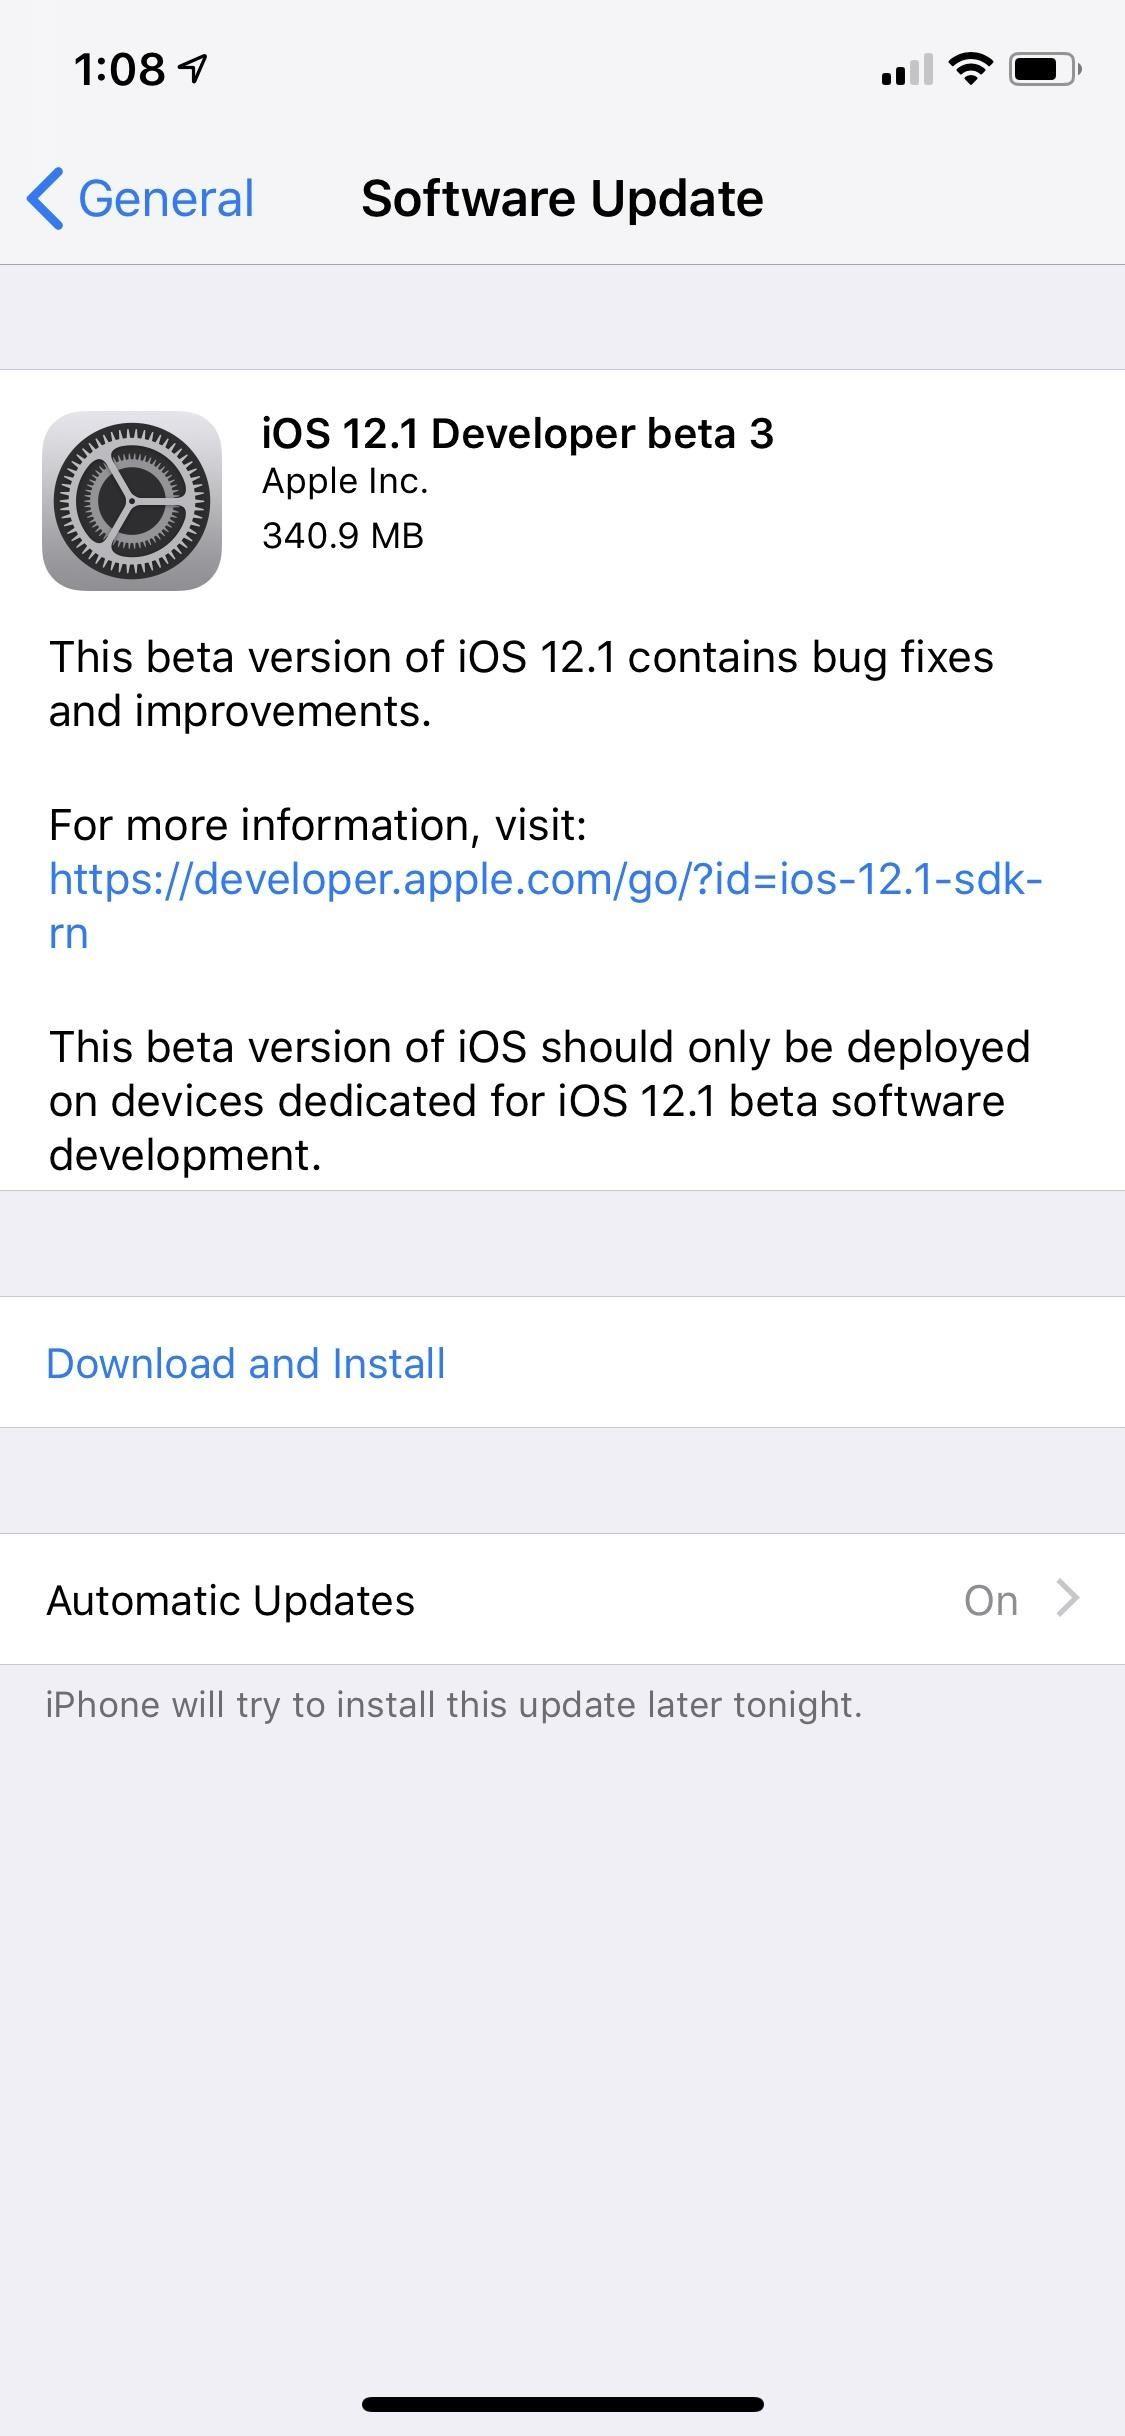 Apple released iOS 12.1 Beta 3 to developer